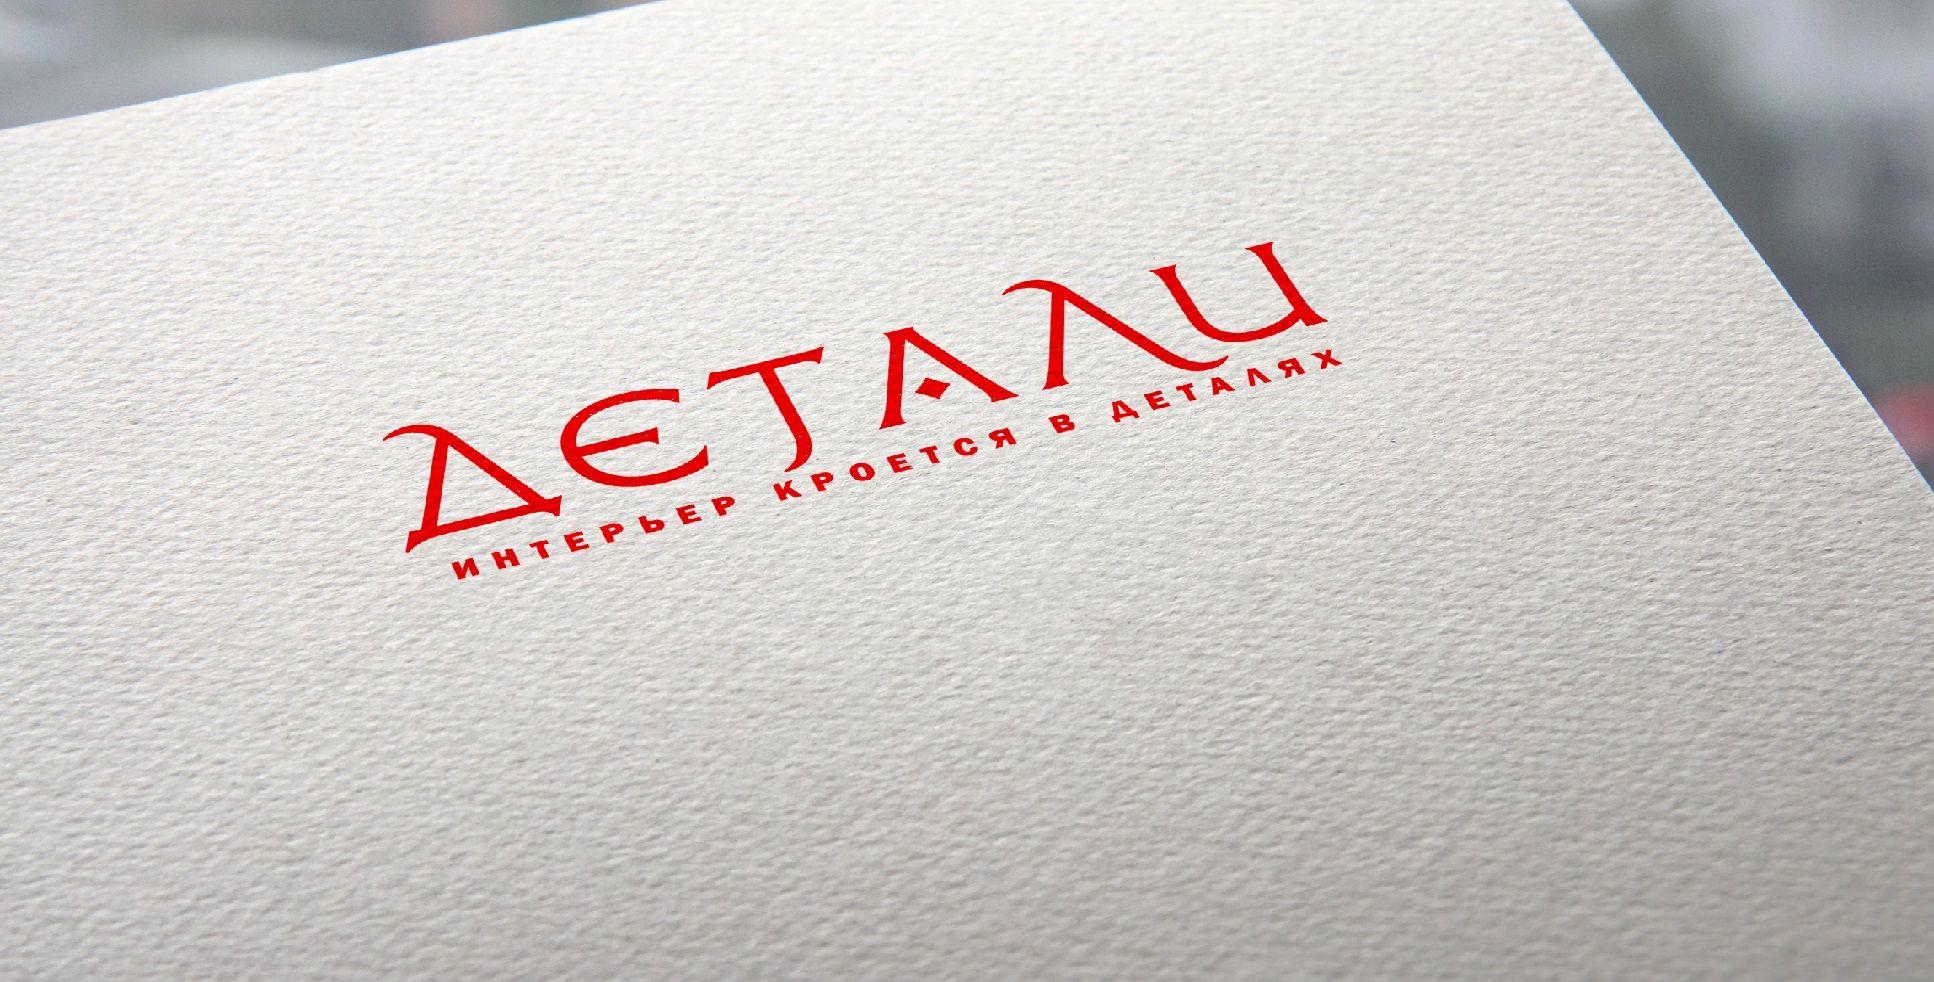 Логотип для студии дизайна интерьера - дизайнер asfar1123